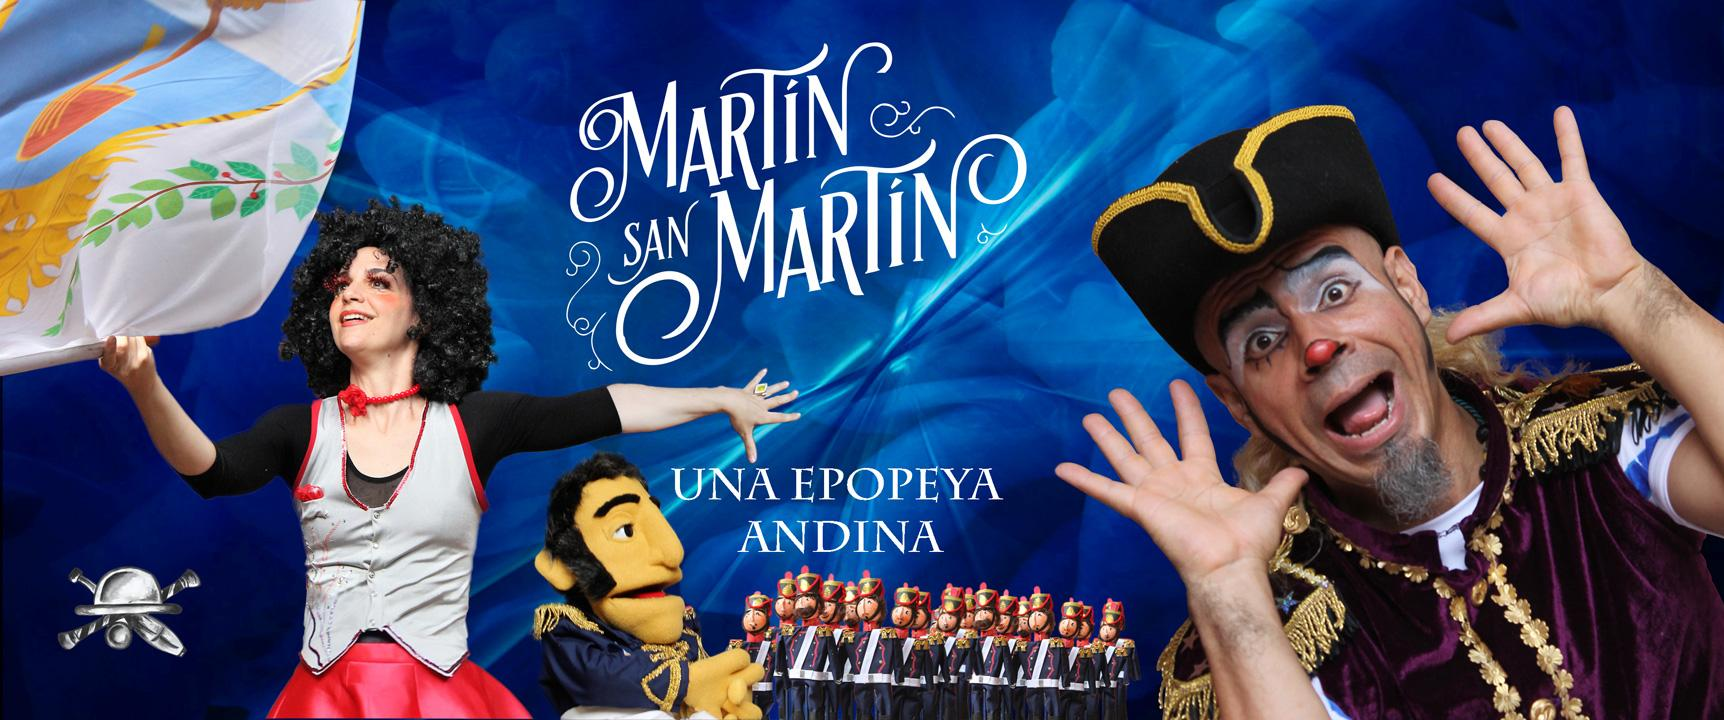 Martín San Martín